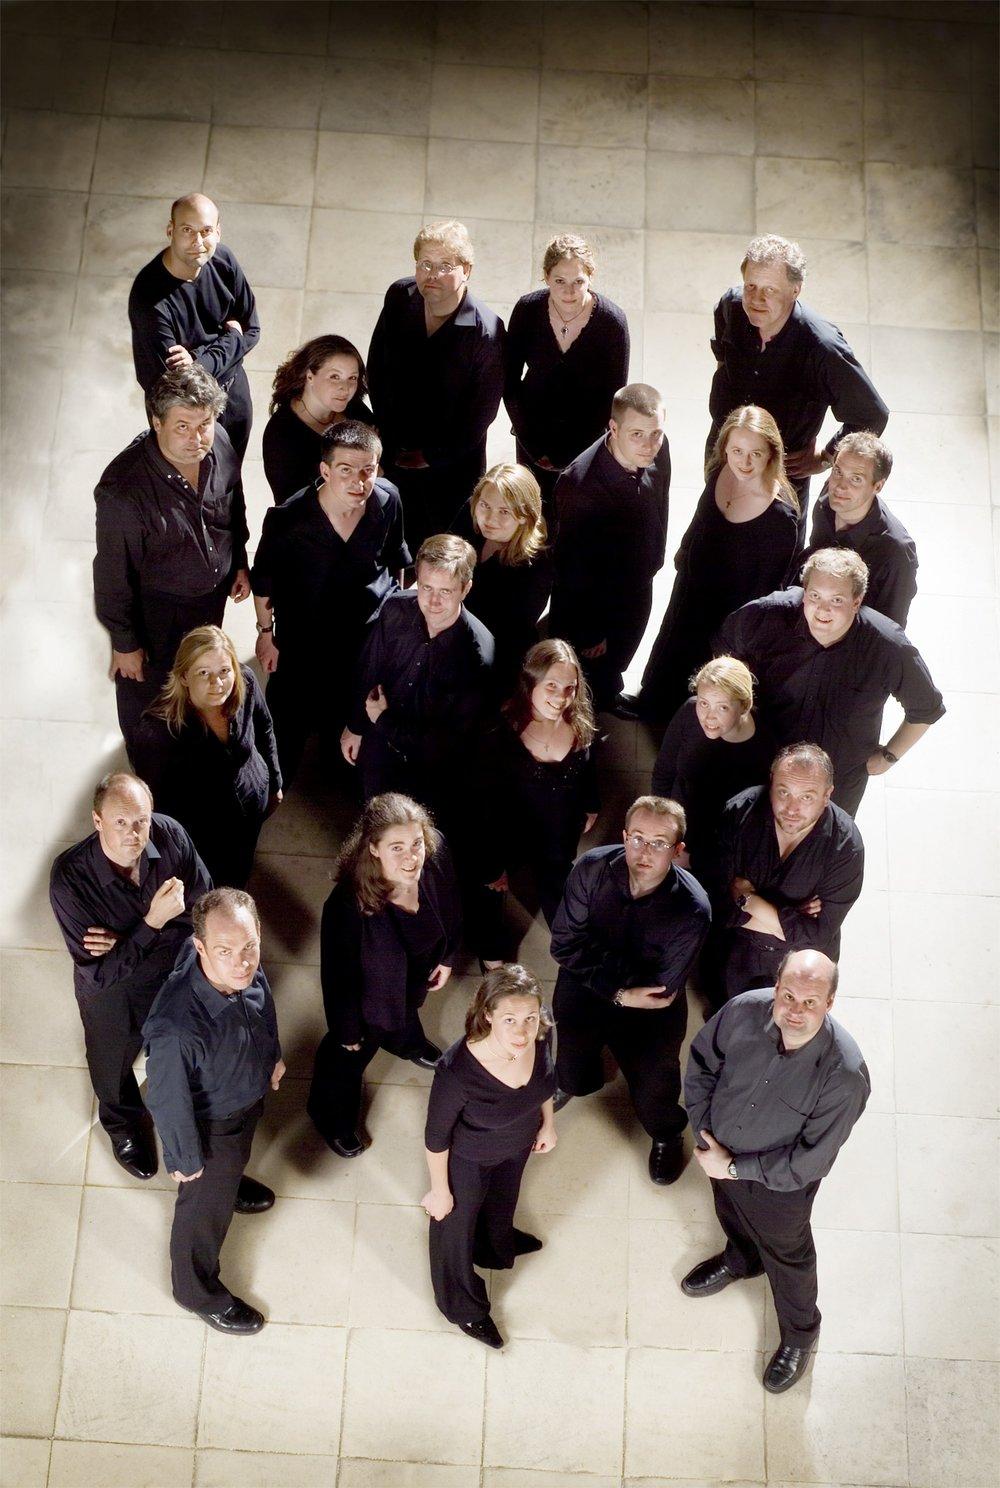 - Polyphony ble grunnlagt i 1986 av Stephen Layton og har siden den gang opptrådt jevnlig over hele verden og gjort en rekke kritikerroste og prisvinnende plateinnspillinger på Hyperion. Korets repertoar strekker seg fra barokkens store pasjoner og de store romantiske verker til nyskrevet kormusikk av nålevende komponister. De samarbeider med ensembler og orkestre som Orchestra of the Age of Enlightenment, City of London Sinfonia og Philharmonia Orchestra.Polyphony ble grunnlagt i 1986 av Stephen Layton og har siden den gang opptrådt jevnlig over hele verden og gjort en rekke kritikerroste og prisvinnende plateinnspillinger på Hyperion. Korets repertoar strekker seg fra barokkens store pasjoner og de store romantiske verker til nyskrevet kormusikk av nålevende komponister. De samarbeider med ensembler og orkestre som Orchestra of the Age of Enlightenment, City of London Sinfonia og Philharmonia Orchestra.Foto: Benjamin Ealovega